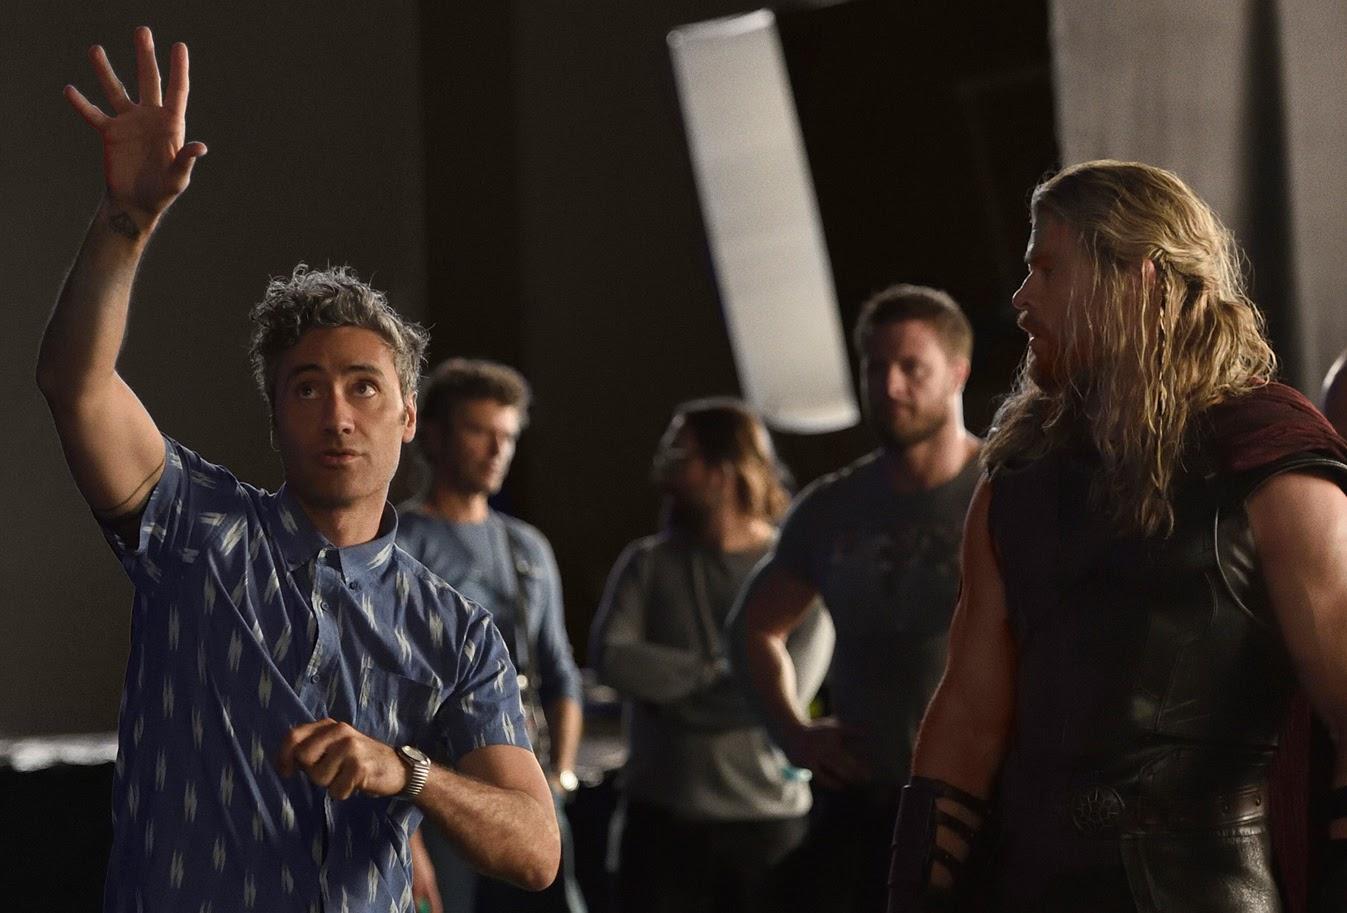 Guardians of the Galaxy Vol. 3 :「ガーディアンズ・オブ・ザ・ギャラクシー Vol. 3」の新監督の現実的な候補と目されていたタイカ・ワイティティ監督が、前2作よりも優れた映画を作ることができるフレッシュな新しい才能として、ジェームズ・ガン監督を推薦 ! !